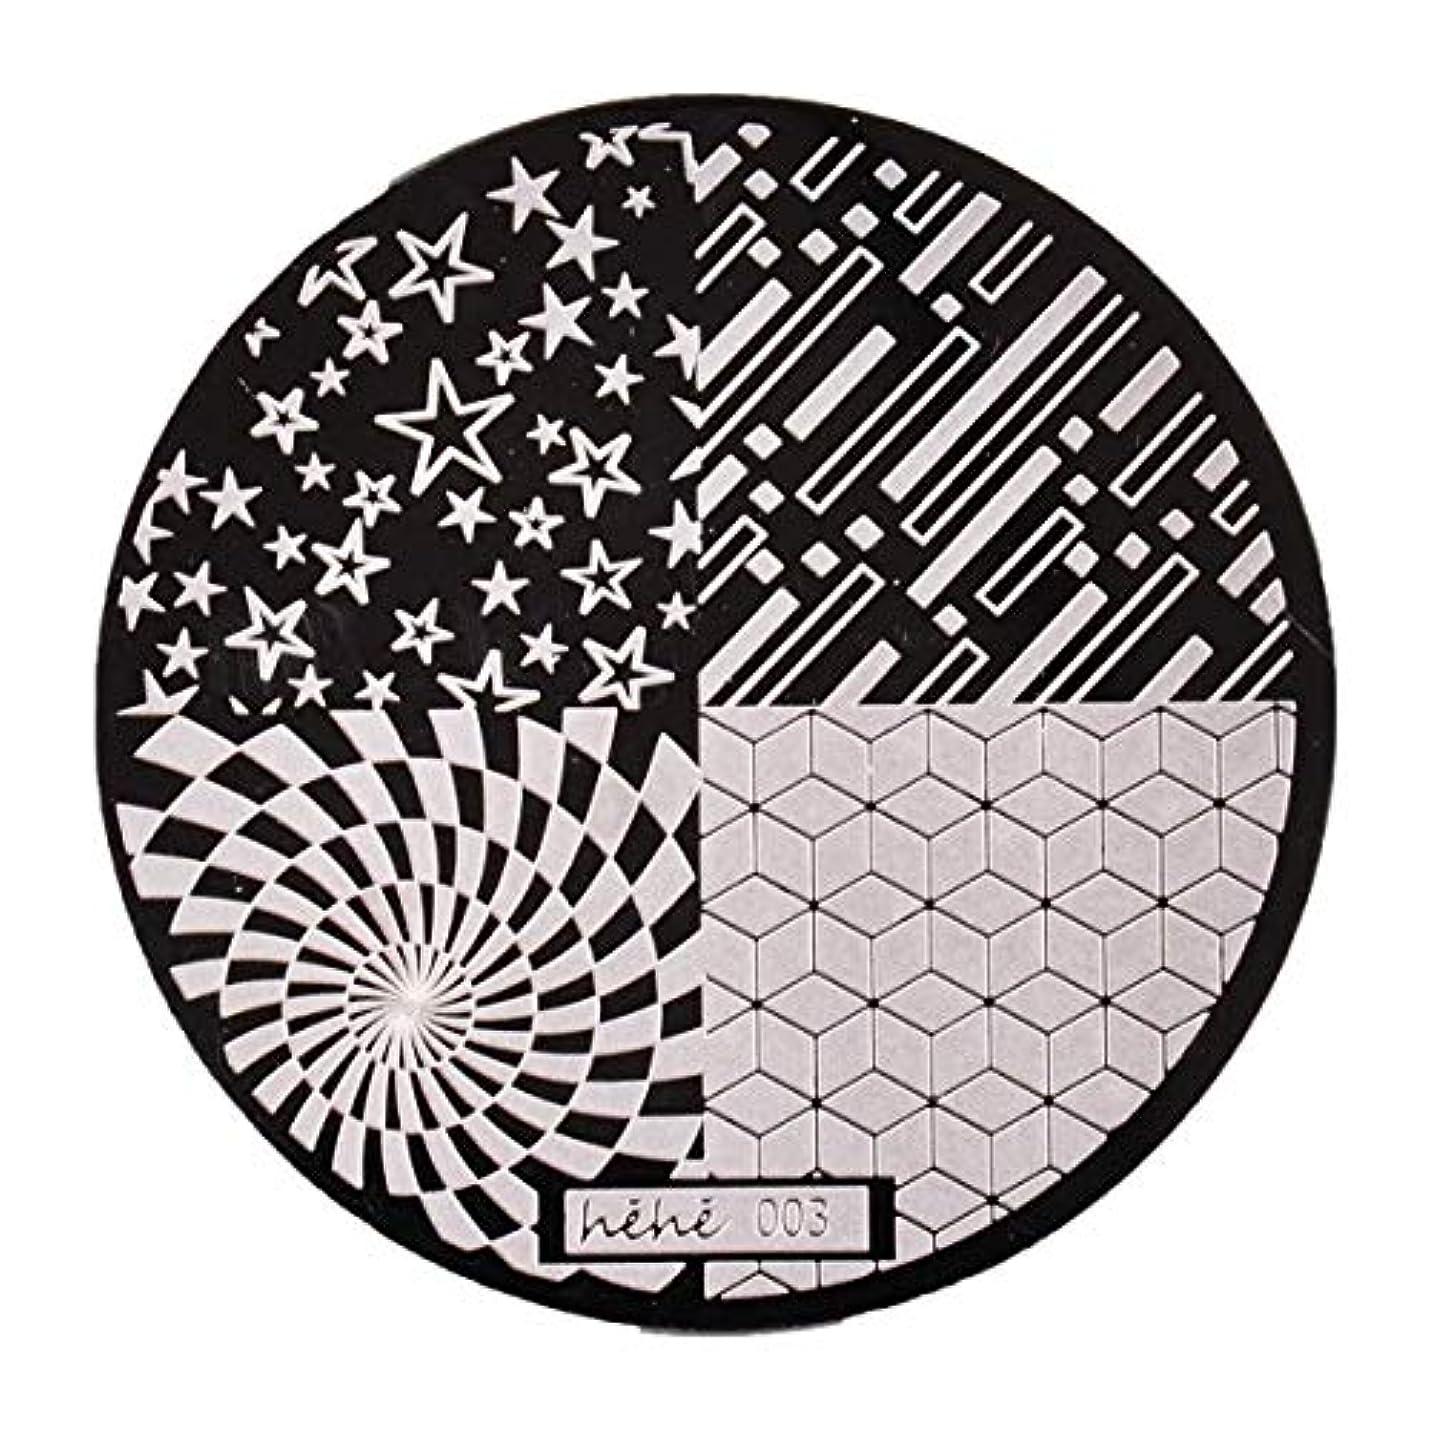 王朝まで反映するOU-Kunmlef 重要なネイルアートネイルラウンドプレート印刷プレート転送スタンプ画像プレートプレートネイルスタンプDIY(None 03)